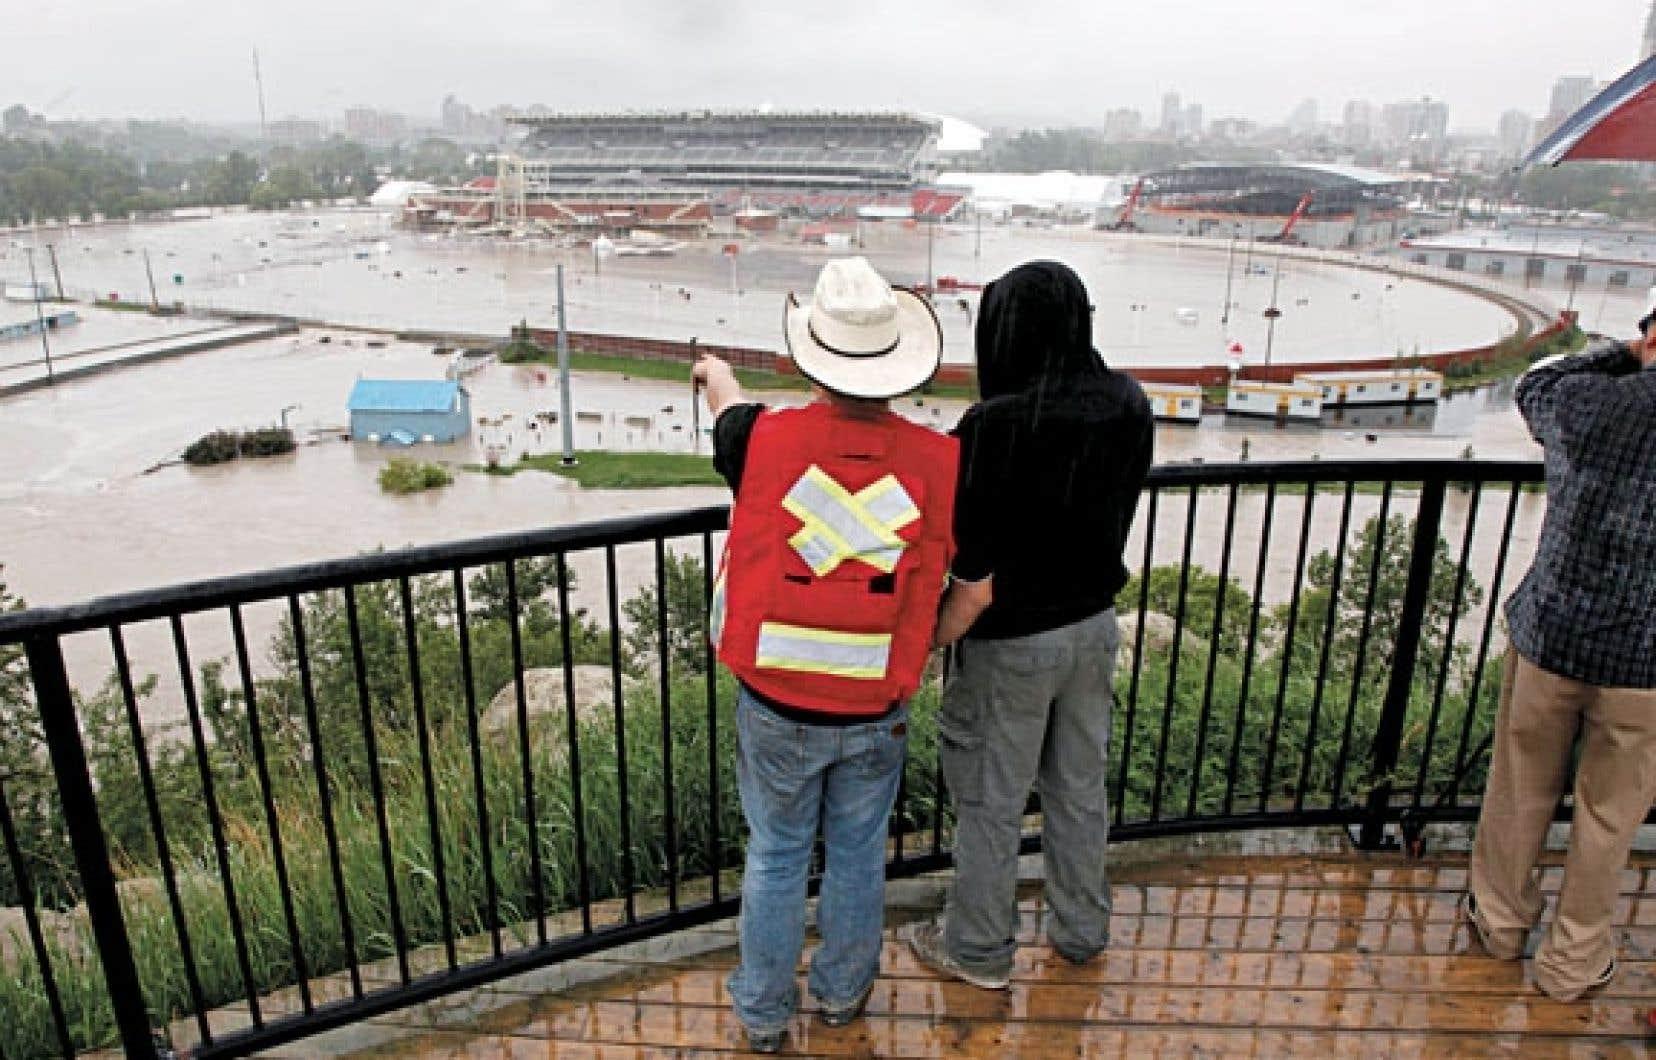 Au centre-ville, les installations du Stampede et le Saddledome ont été atteints, l'eau couvrant au moins dix rangées dans l'aréna des Flames de Calgary.